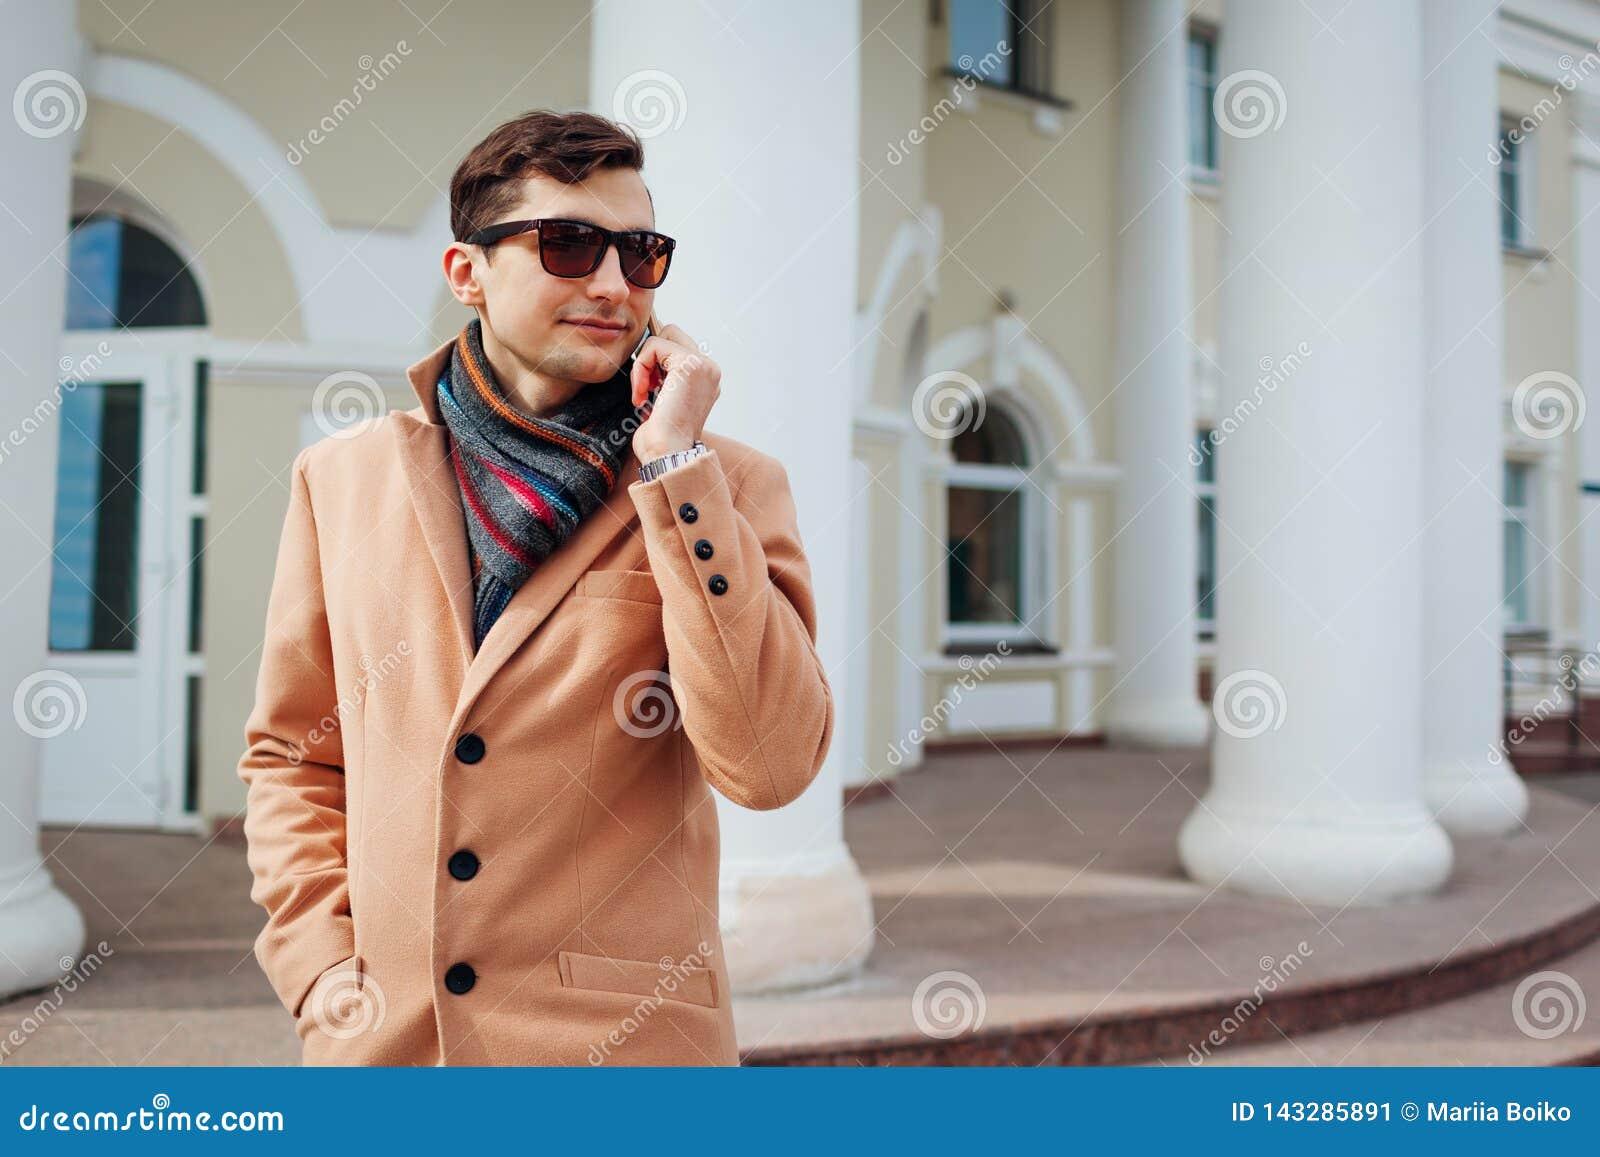 Jeune homme élégant utilisant le smartphone dans la ville Type beau utilisant les vêtements et les accessoires classiques Mode de